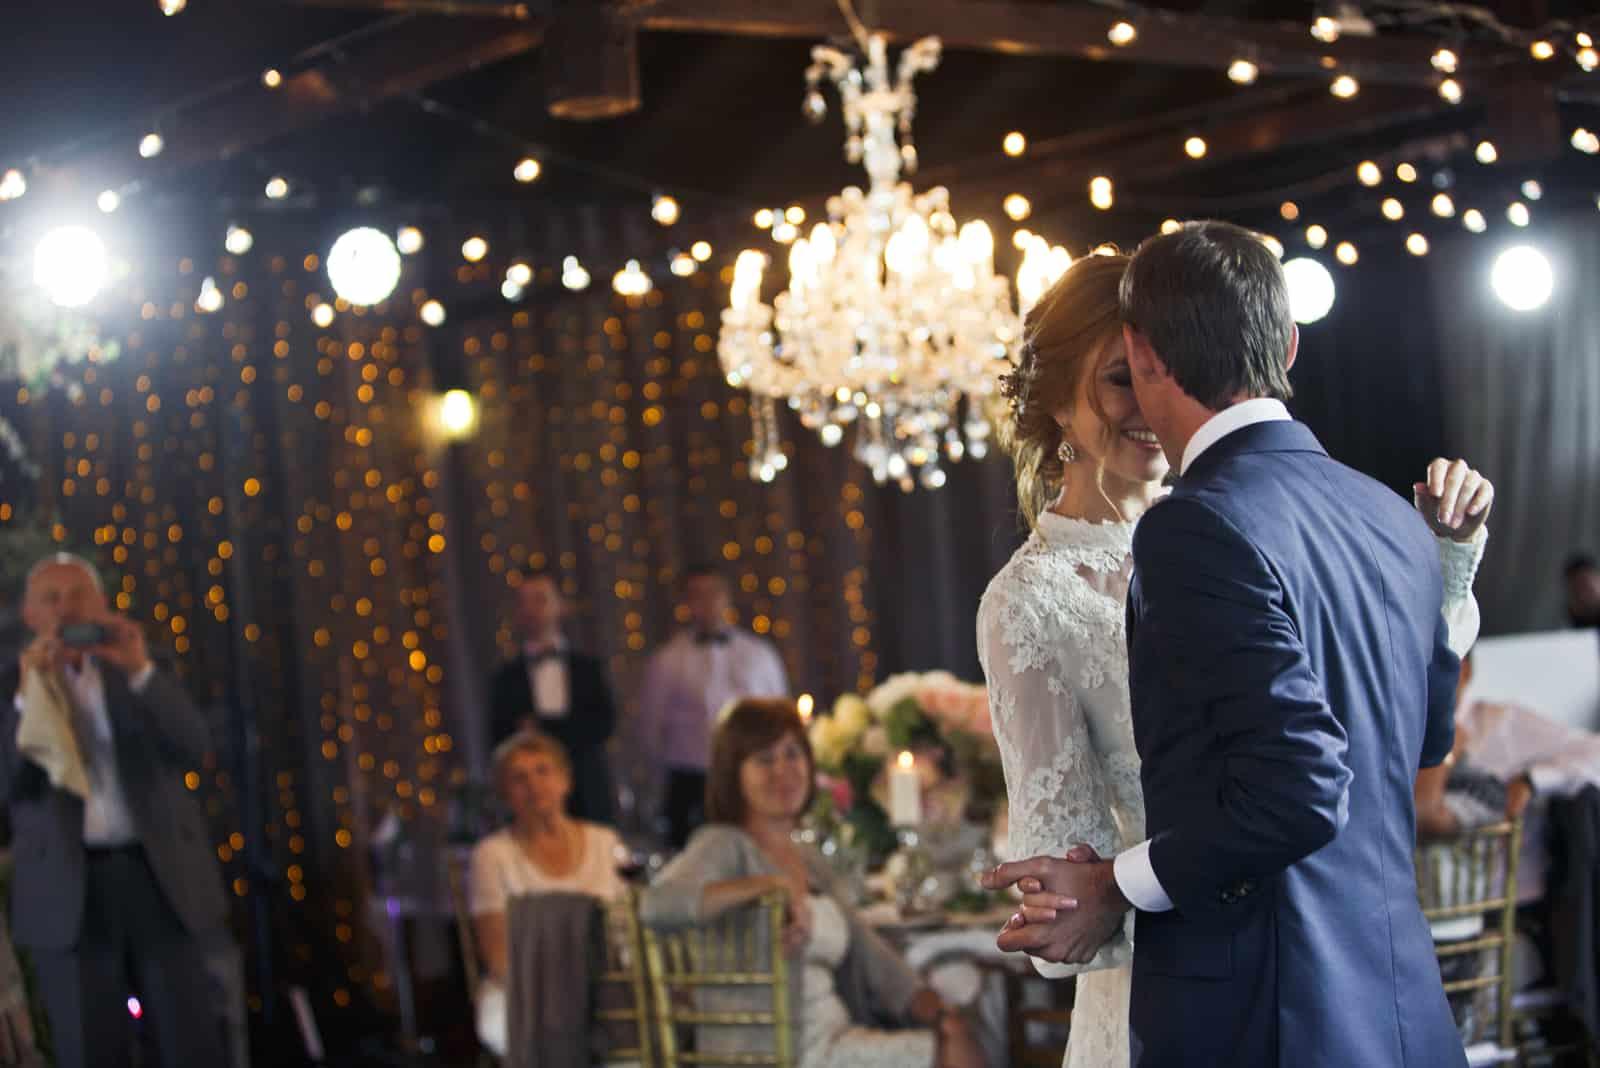 Der Bräutigam hält die Hand der Braut und tanzt mit ihr mitten in einem Restaurant